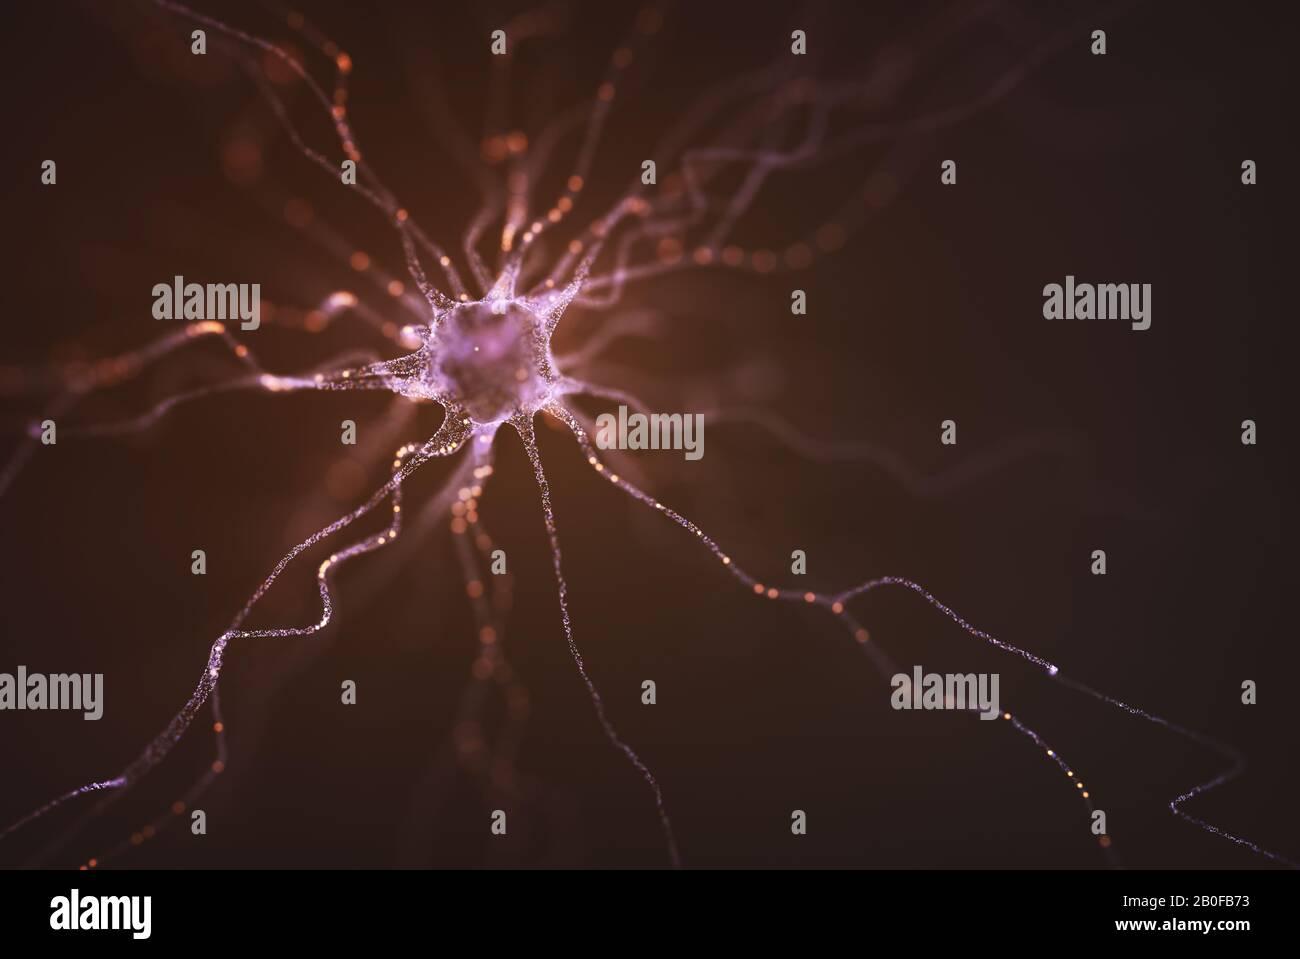 Imagen conceptual de una neurona energizada con carga eléctrica. Concepto de ciencia e investigación del cerebro humano, ilustración en 3D. Foto de stock